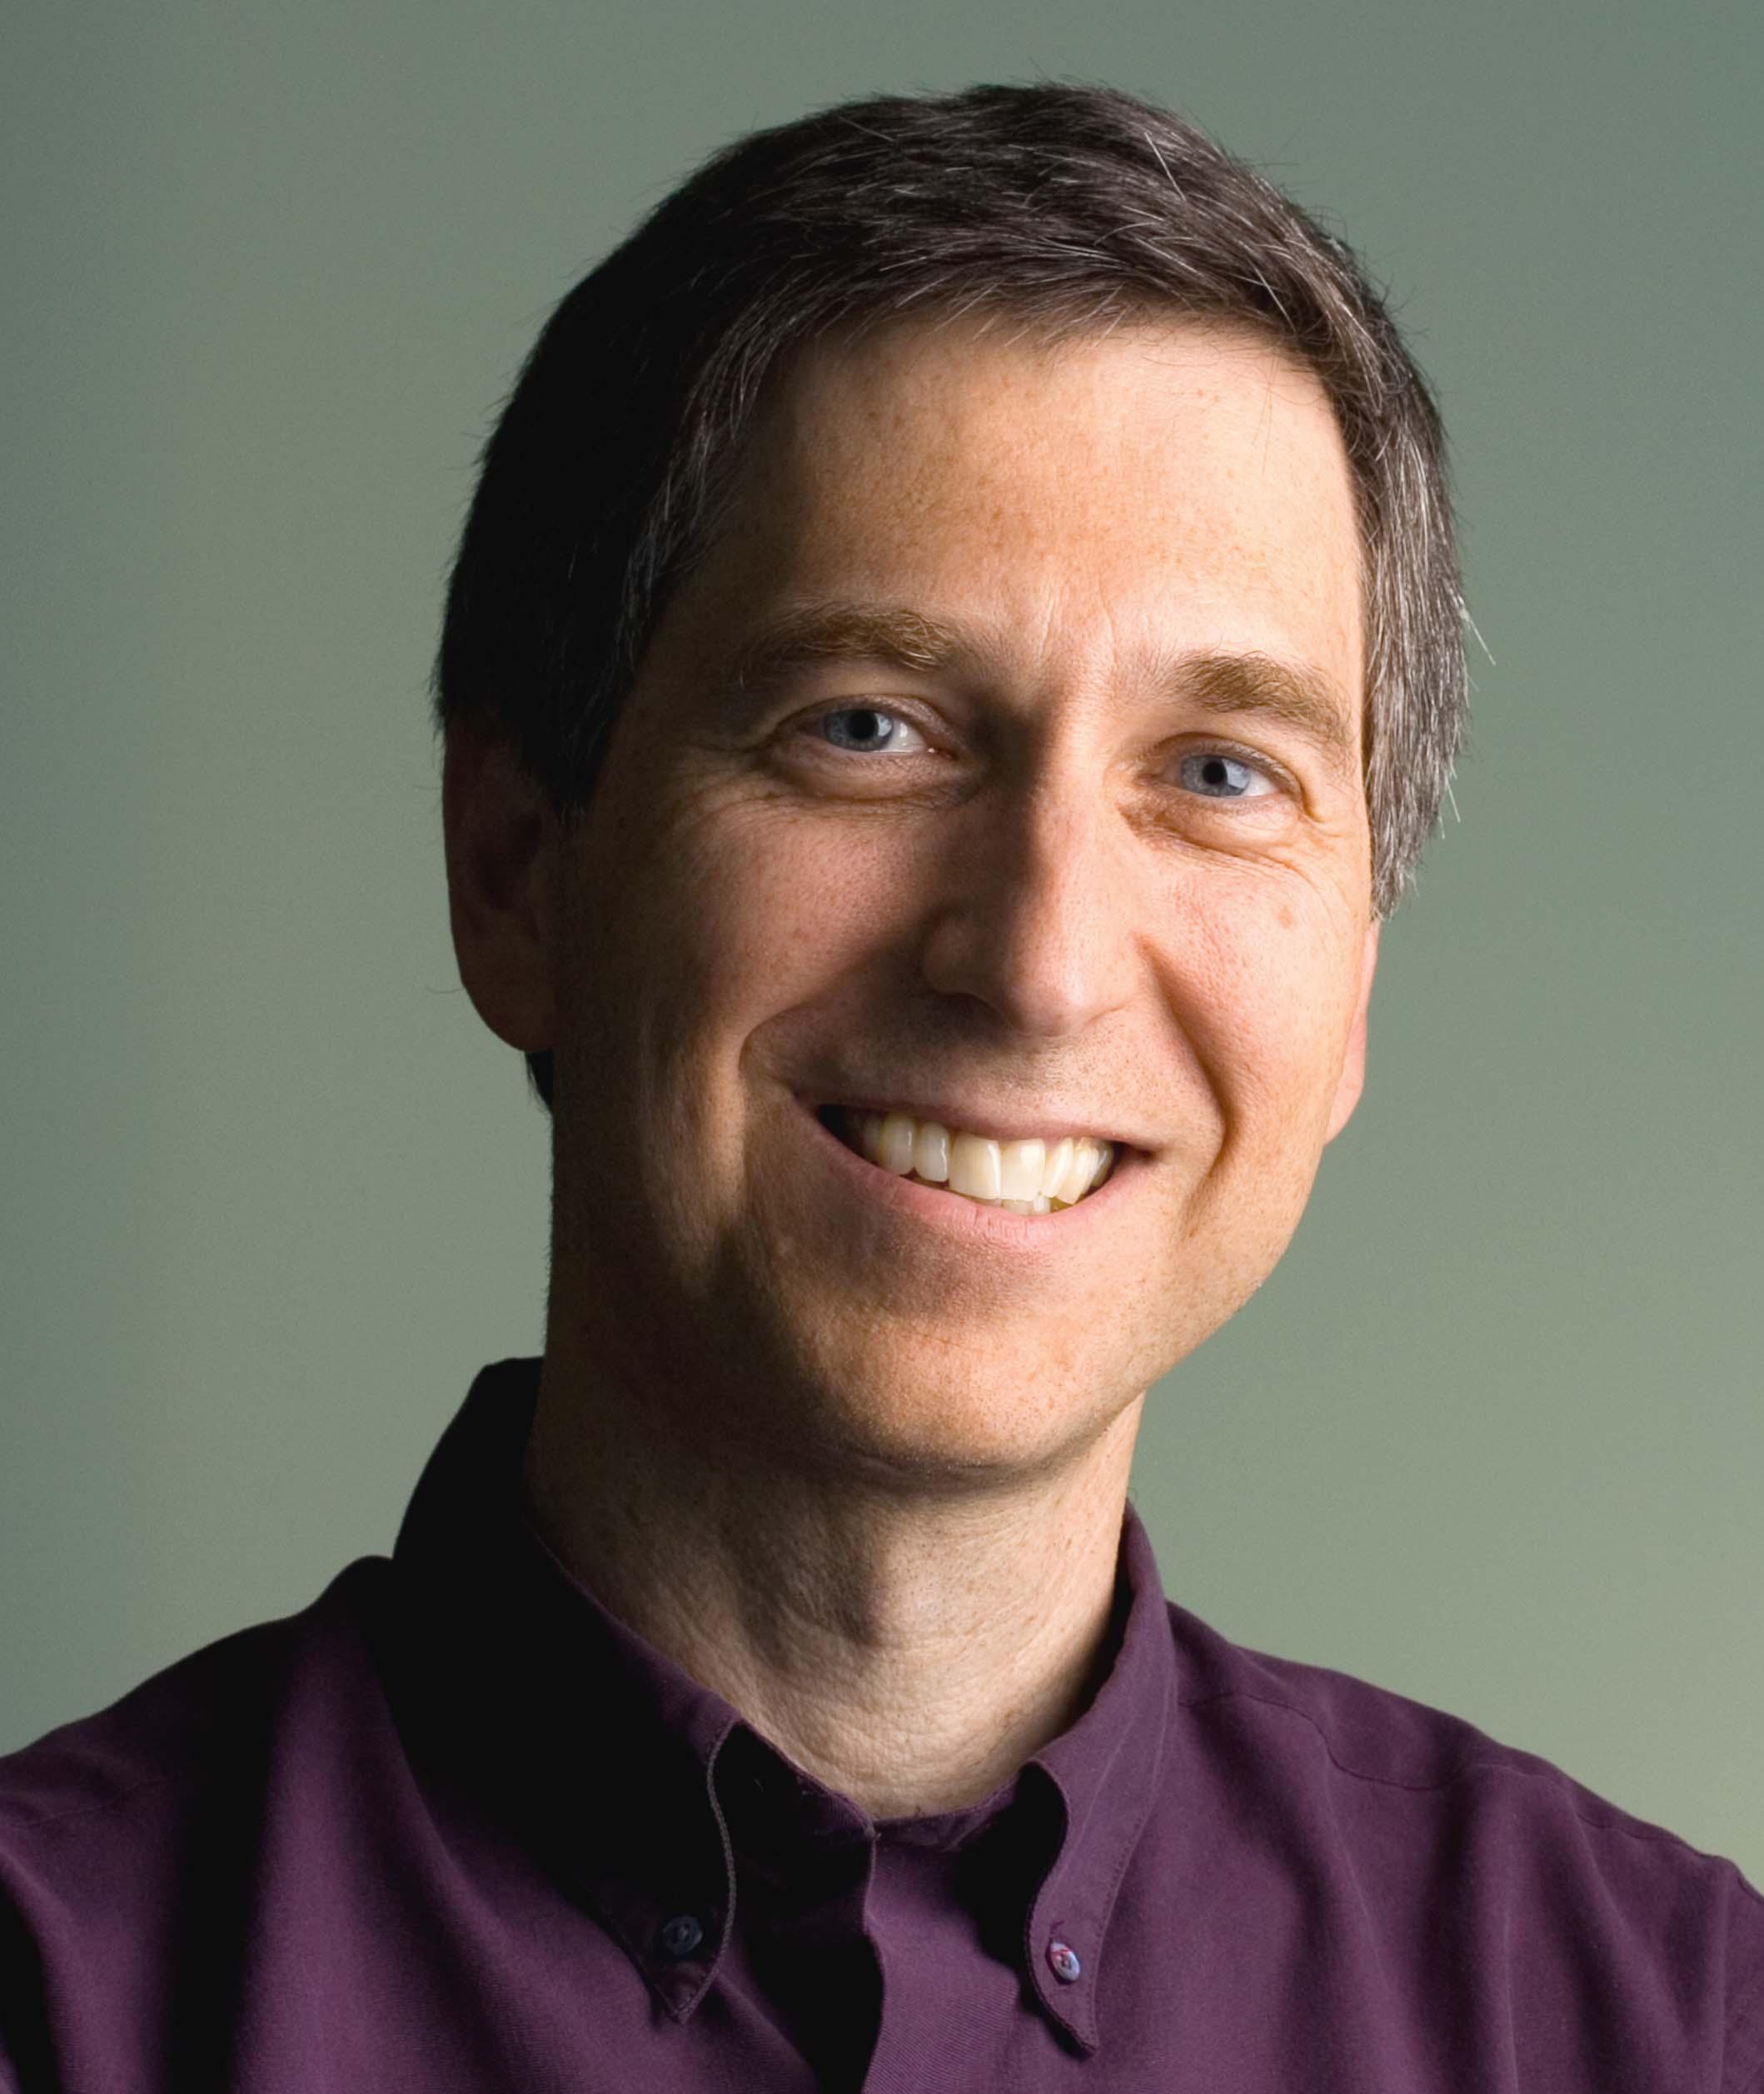 2006 - Mark A. Horowitz